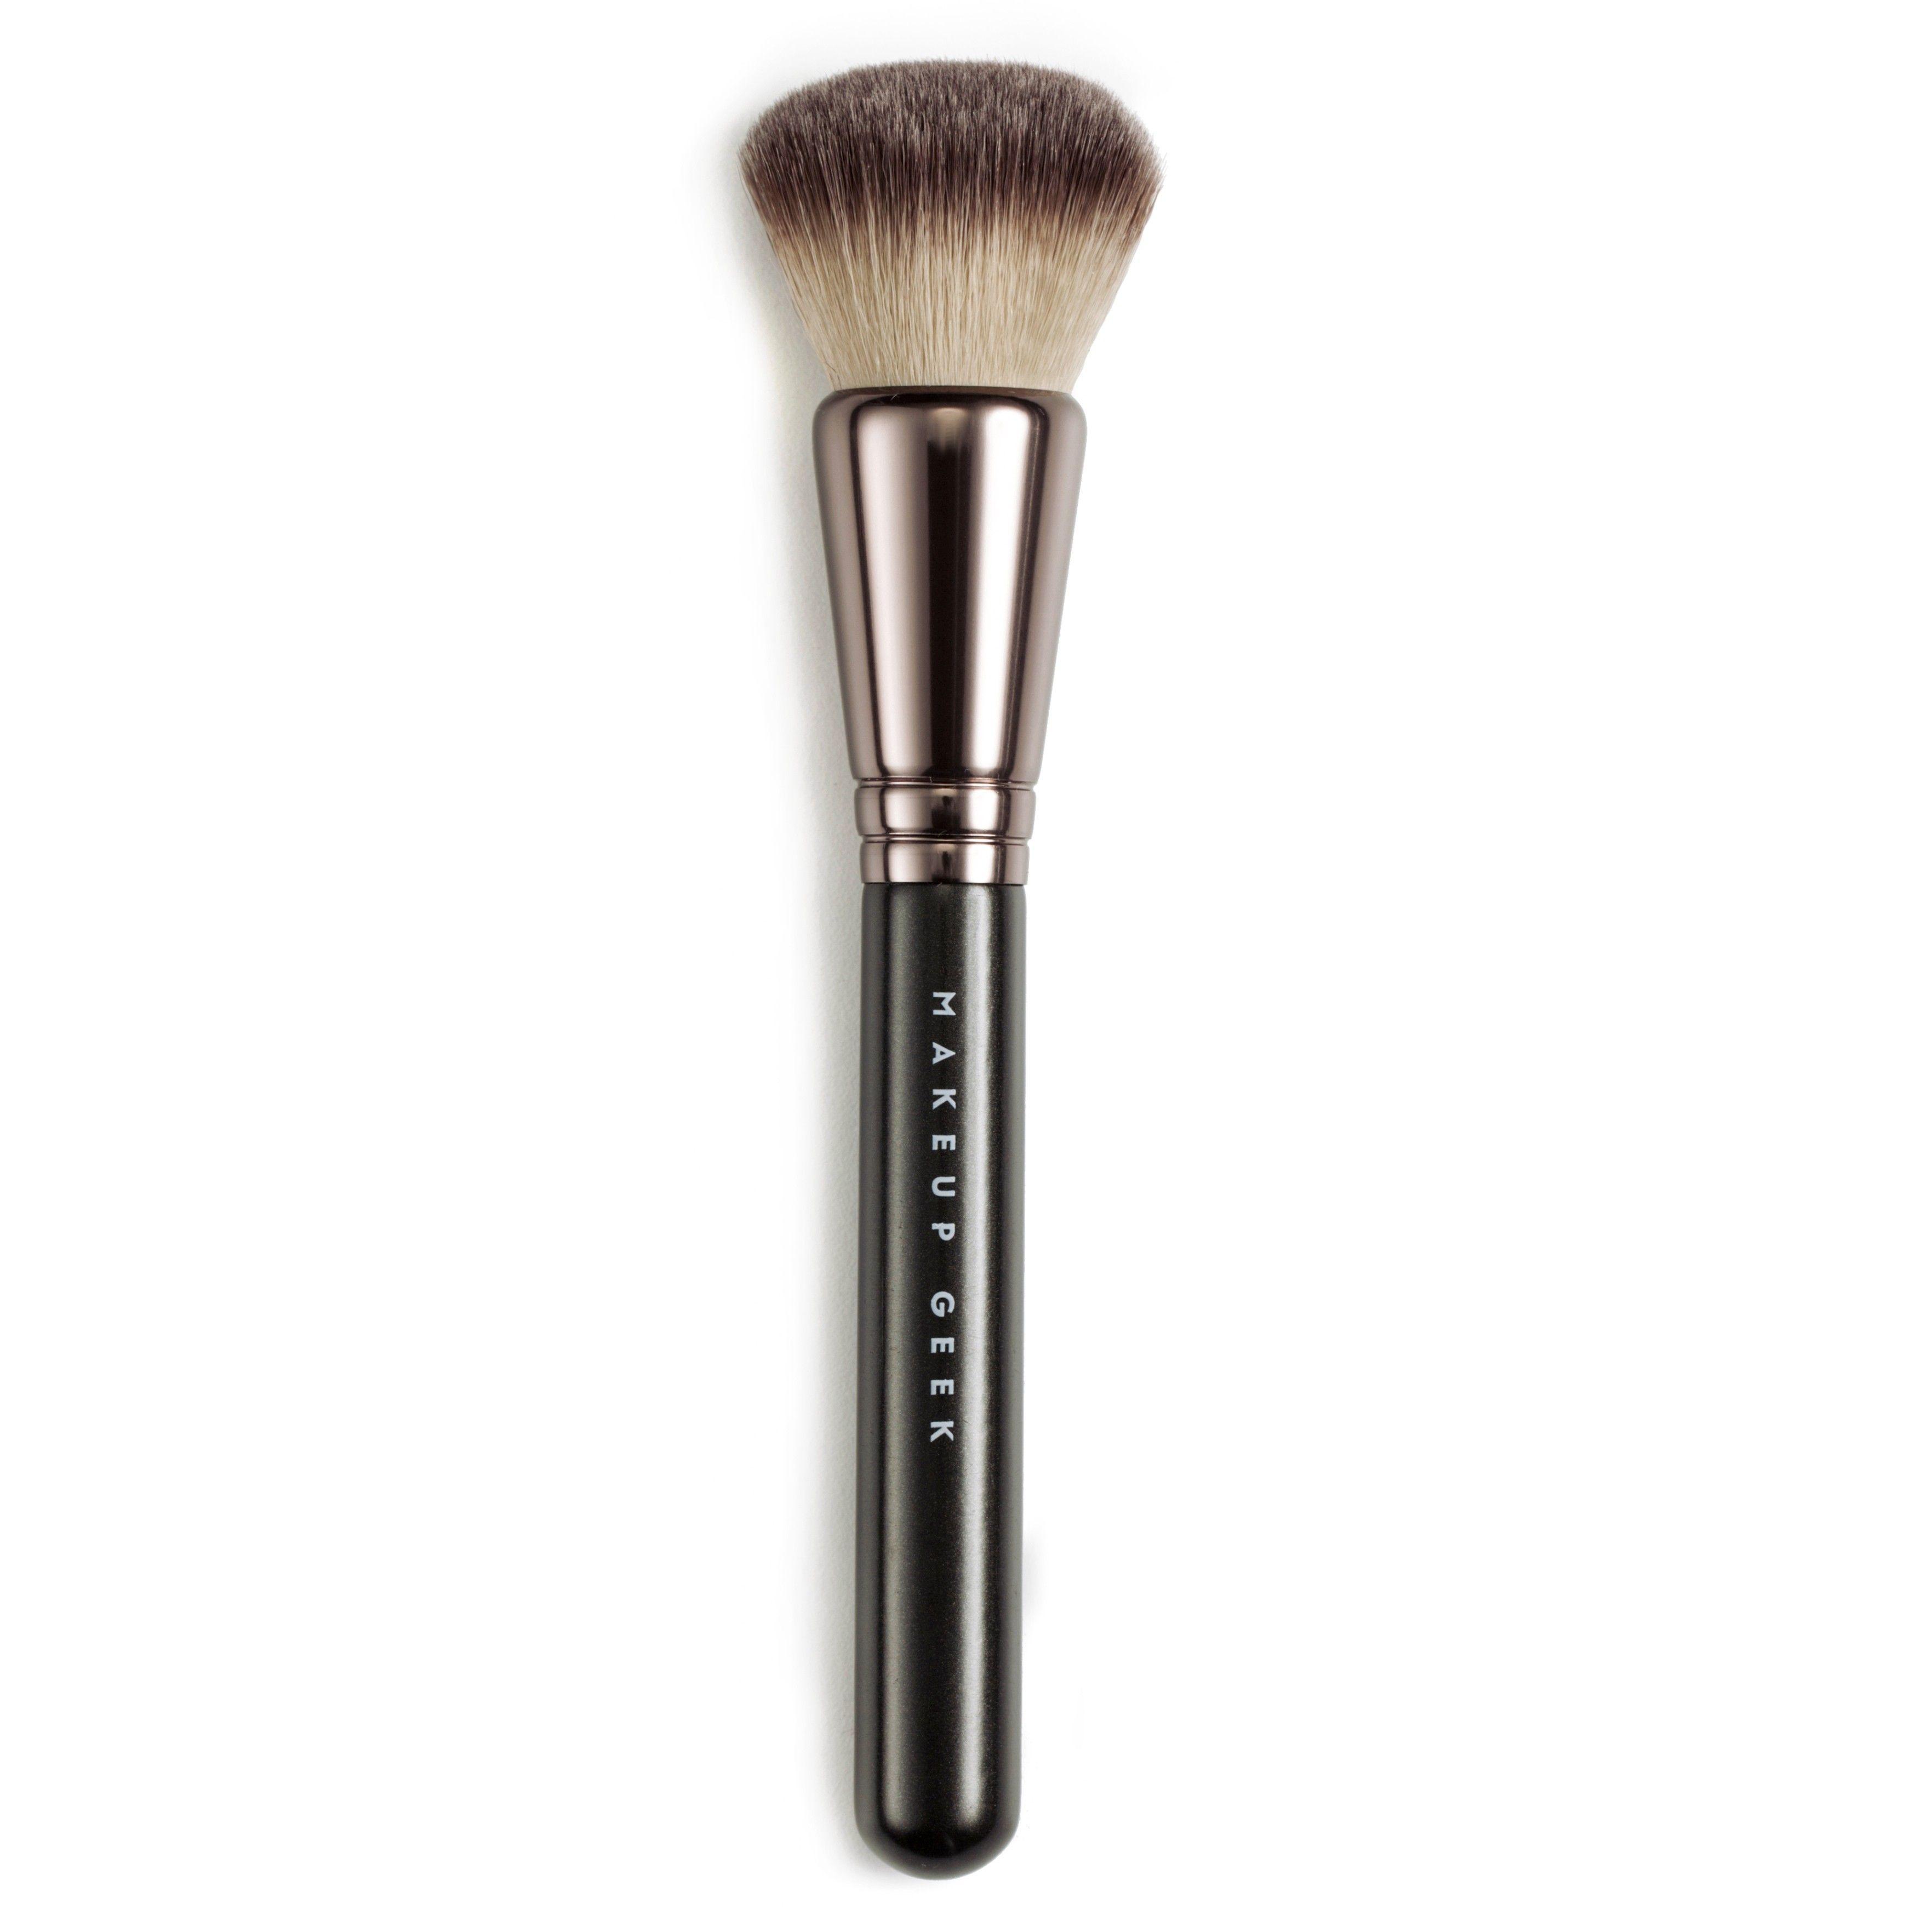 Face Buffer Brush Makeup geek, Hourglass makeup, Beauty